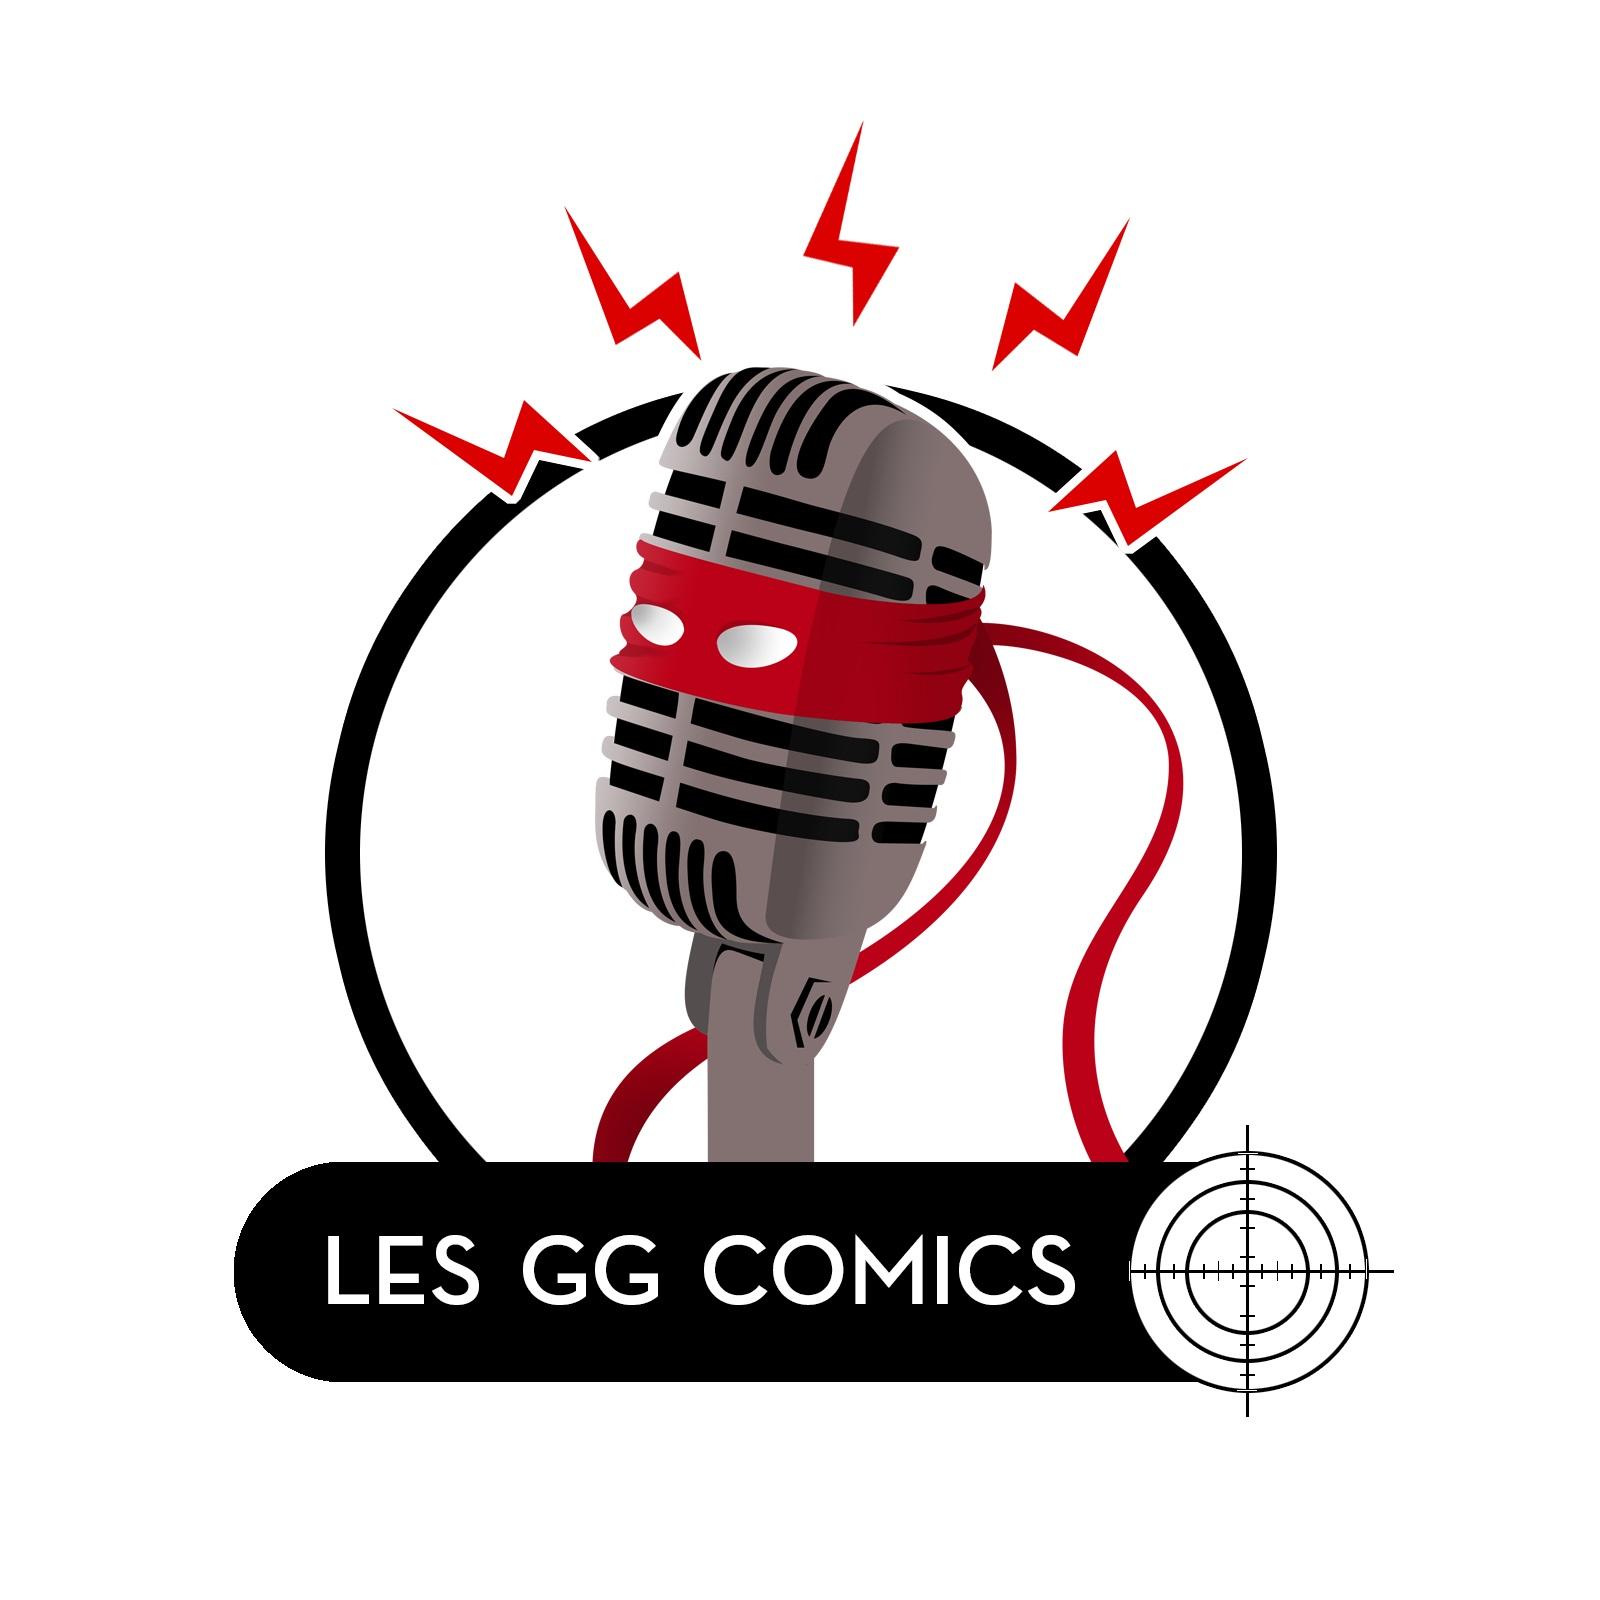 Les GG comics #040 : Stan Lee, le seigneur des comics ?